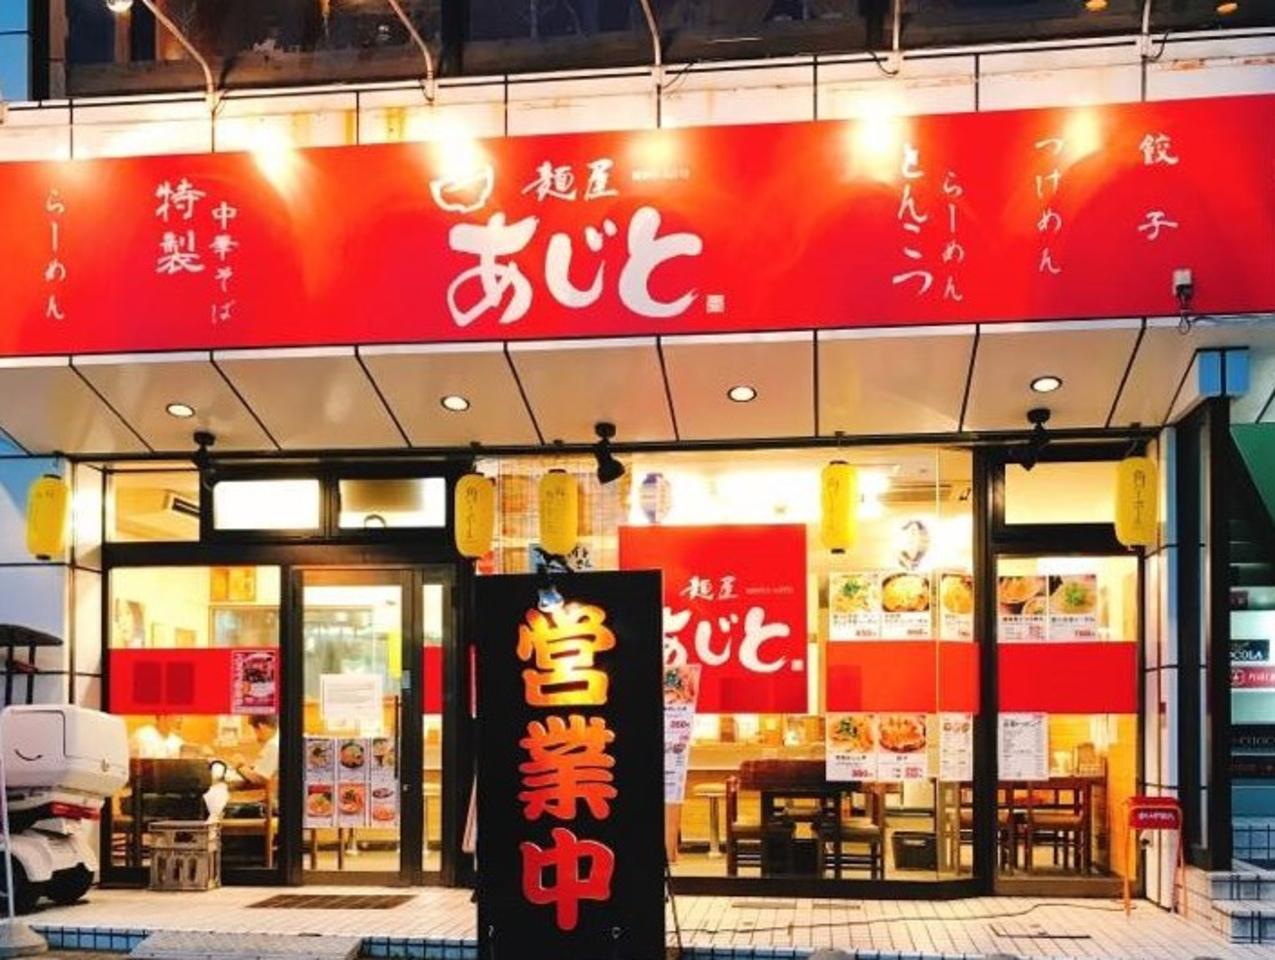 あじげん×焼肉アジト...入間市駅前に「麺屋あじと」8/27グランドオープン